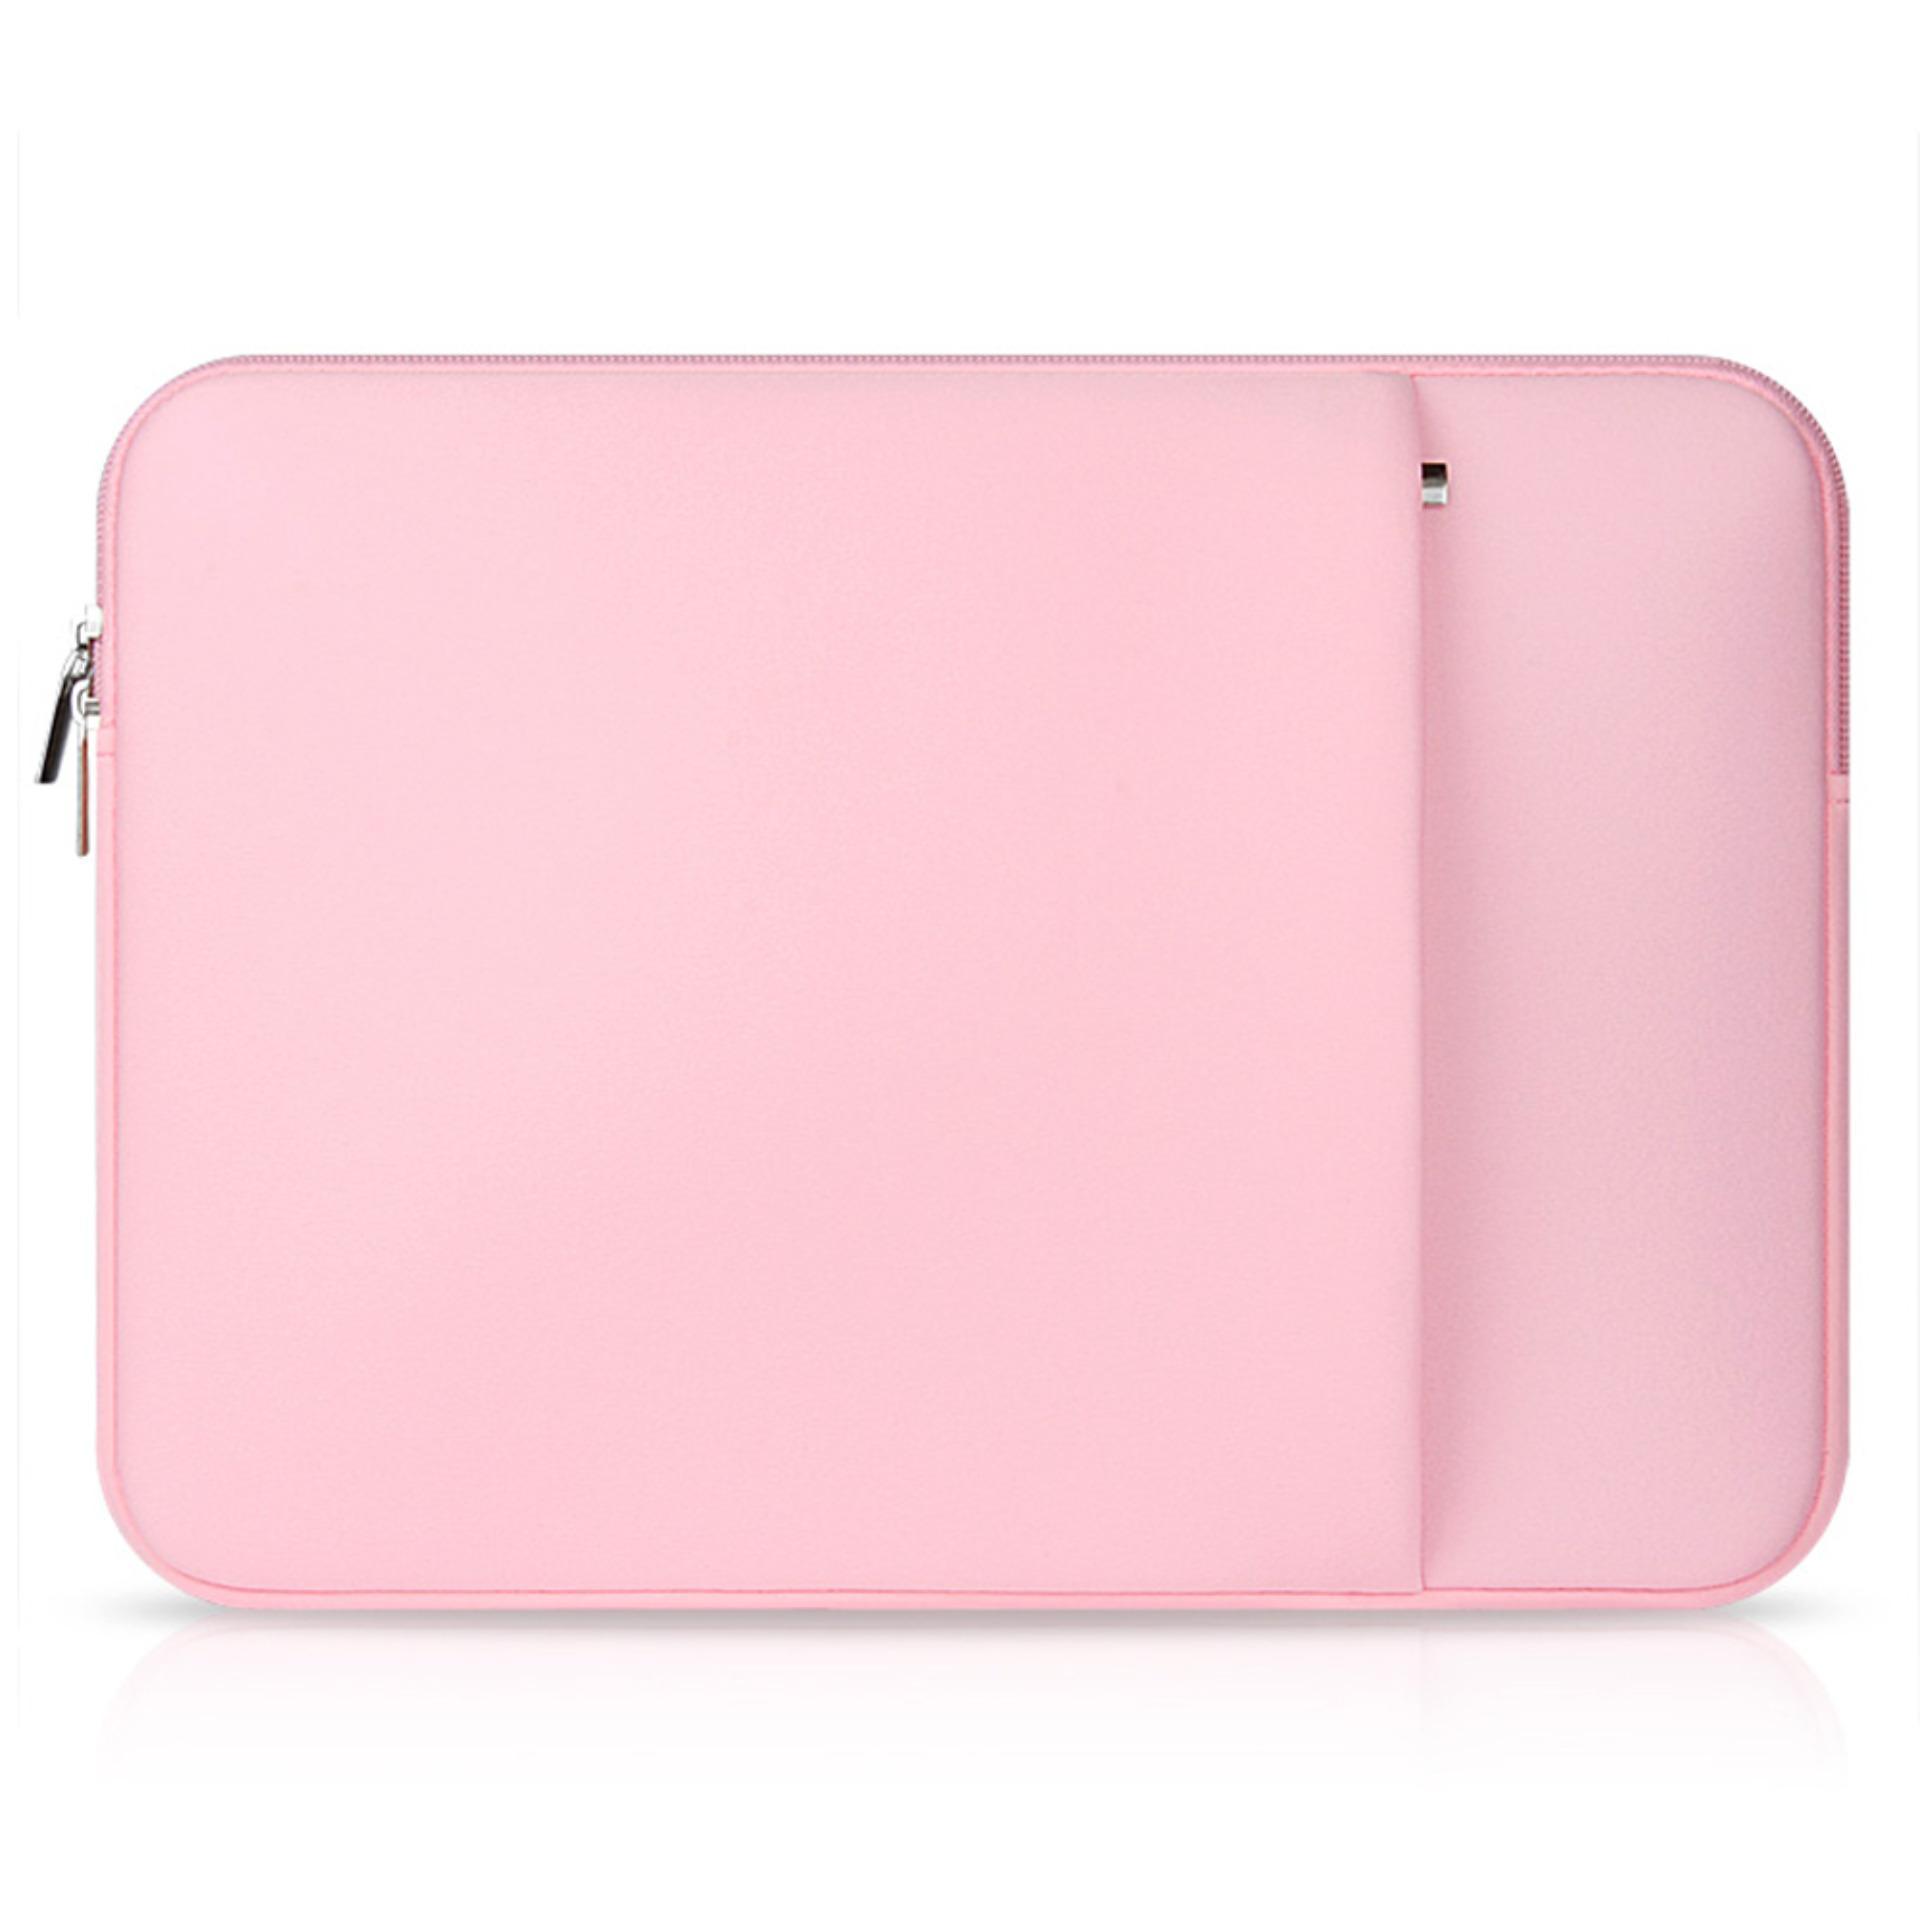 Jual Laptop Membawa Pelindung Lengan Baju Tas With Kantong Saku Samping For Universal 39 62 Cm Laptop Berwarna Merah Muda